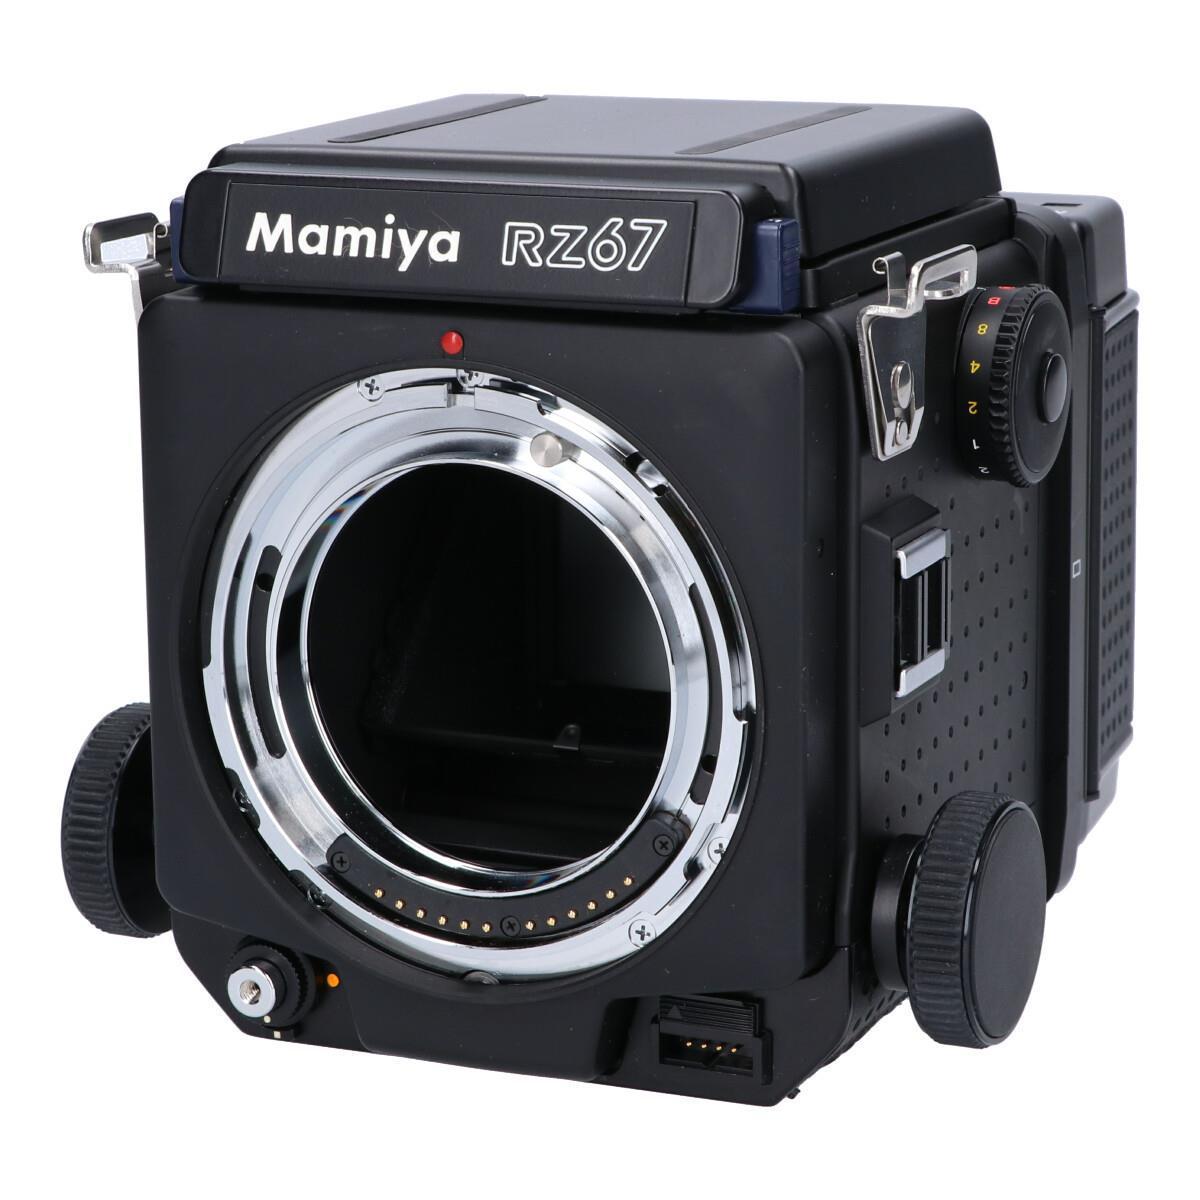 フィルムカメラ, フィルム一眼レフカメラ MAMIYA RZ67